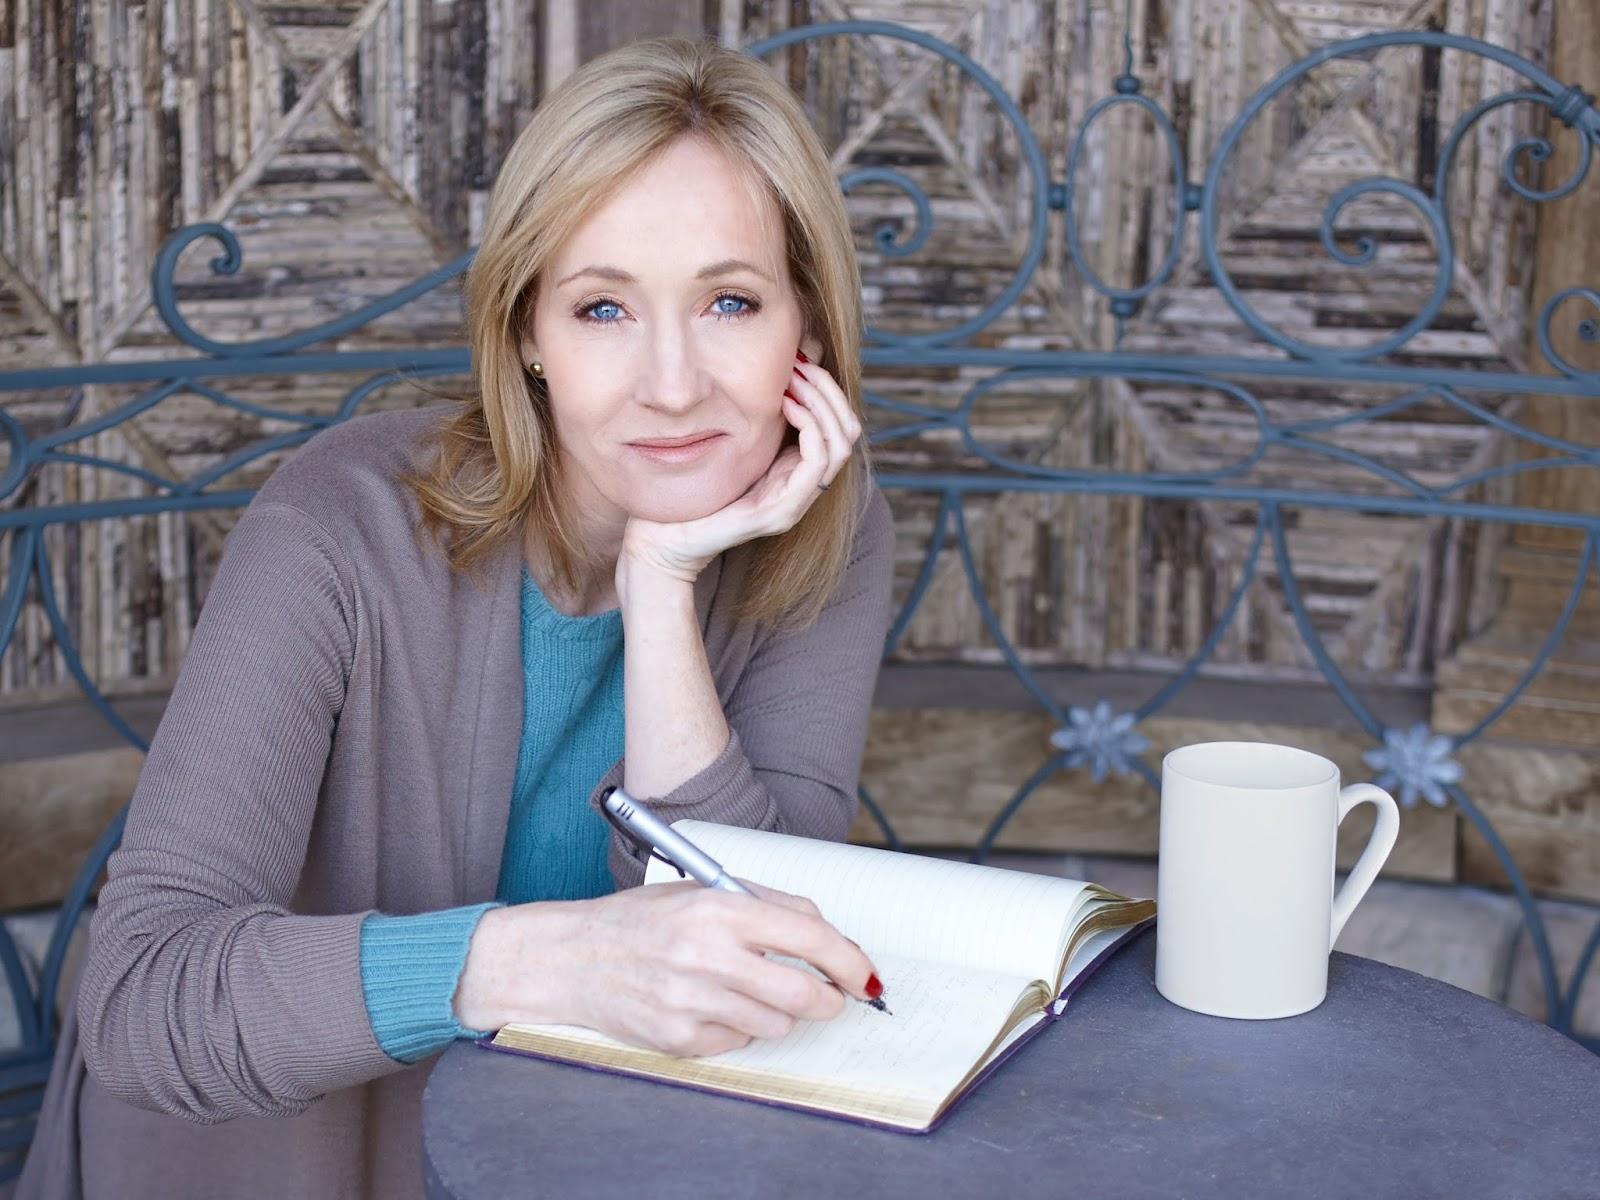 113 Biografi Jk Rowling Novelis Fiksi Penyihir Dumbledore Flash Soft Cover Harry Potter And The Deathly Hallows Dan Relikui Kematian Sebuah Cerita Fantasy Yang Mengisahkan Kehidupan Bernama Di Sekolah Bersama Dengan 2 Temannya Untuk